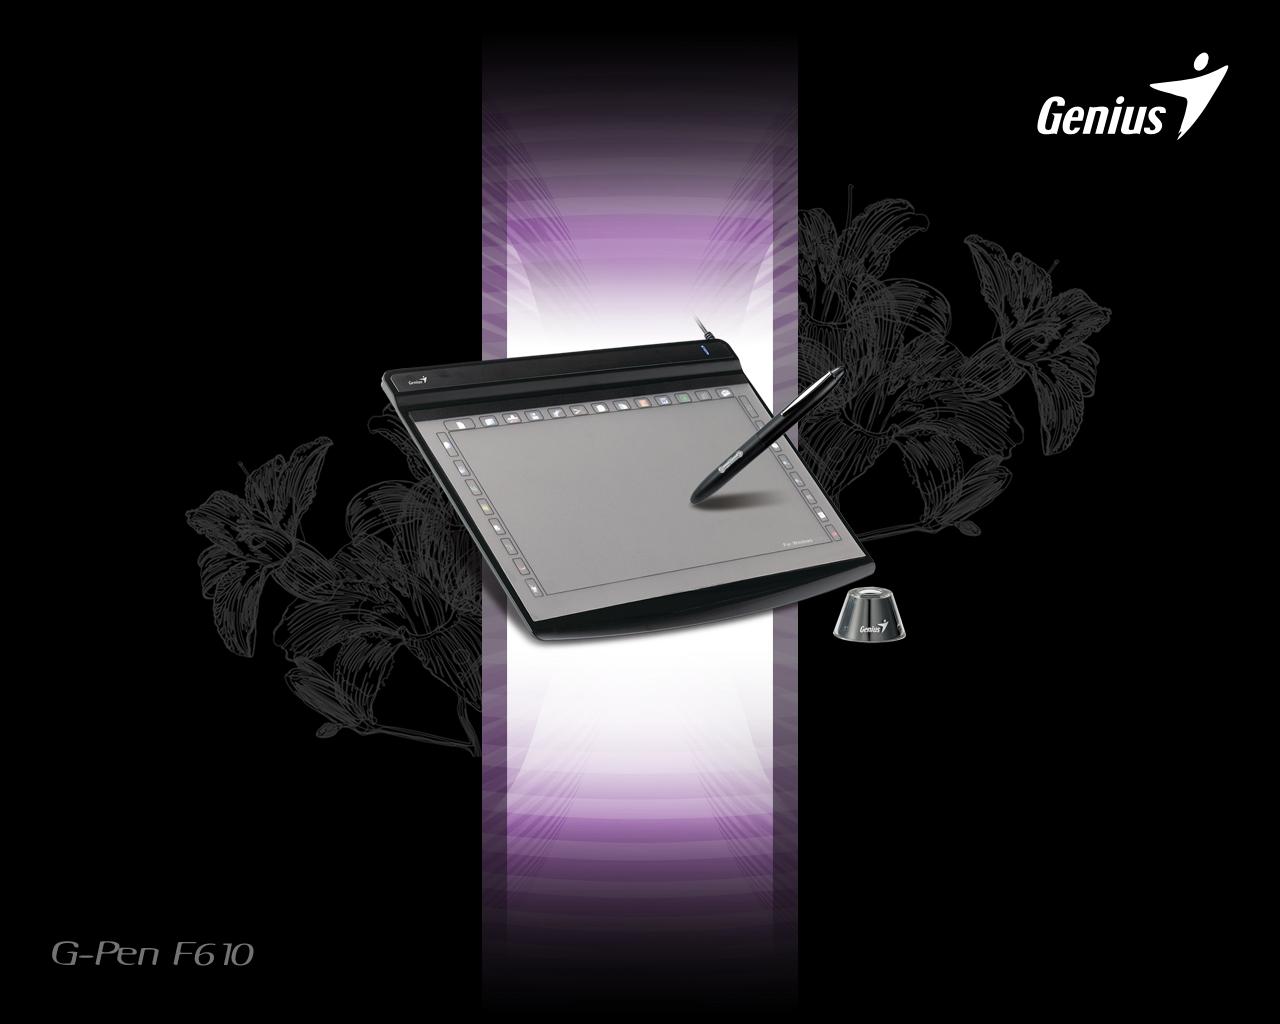 Genius G-Pen F610